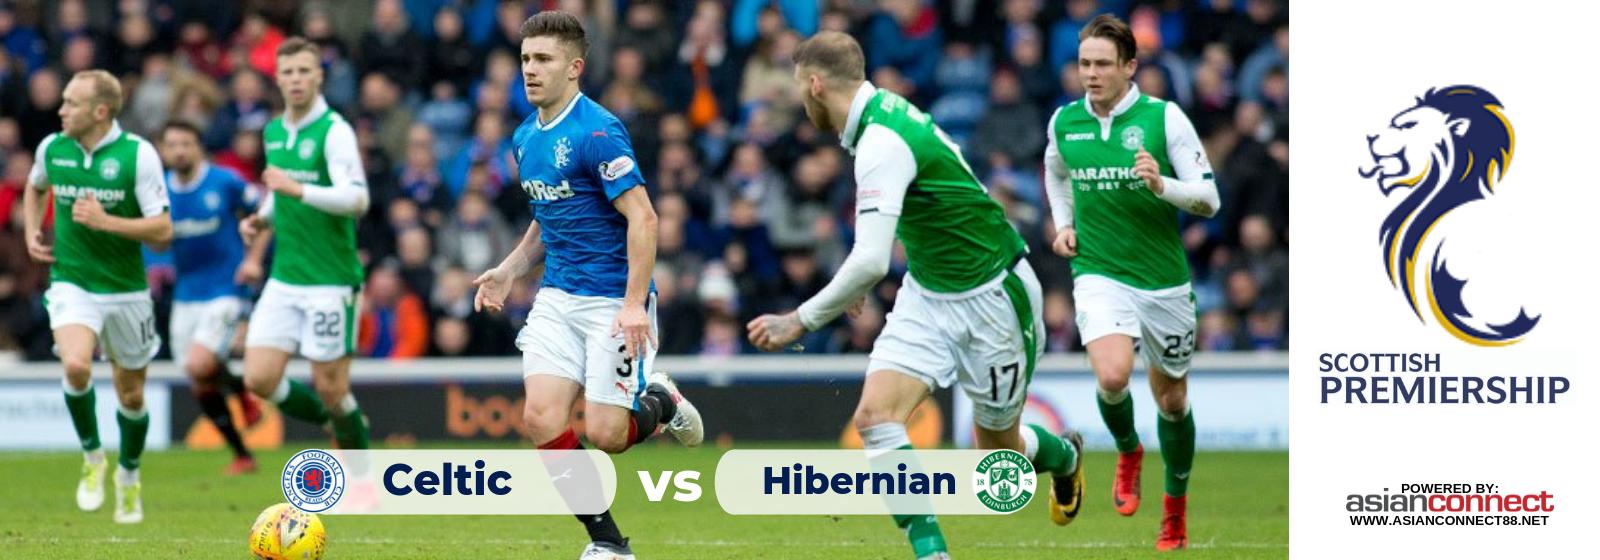 Scottish Premiership Celtic Vs. Hibernian Asian Connect